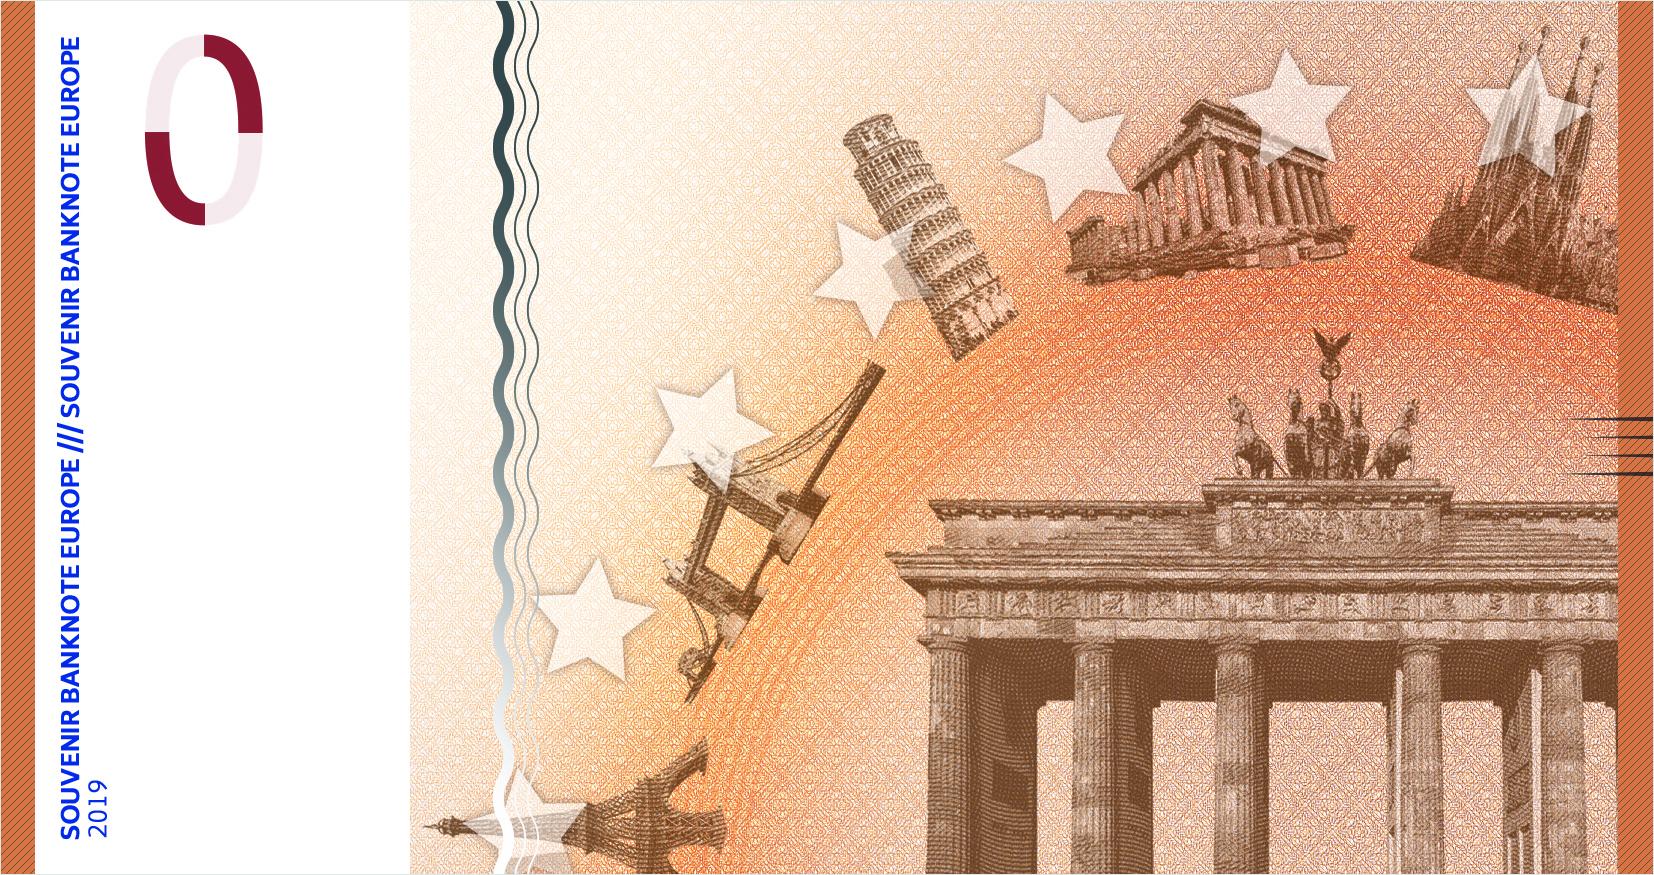 Souvenir-Geldschein von Penny Press Europe (Rückseite)